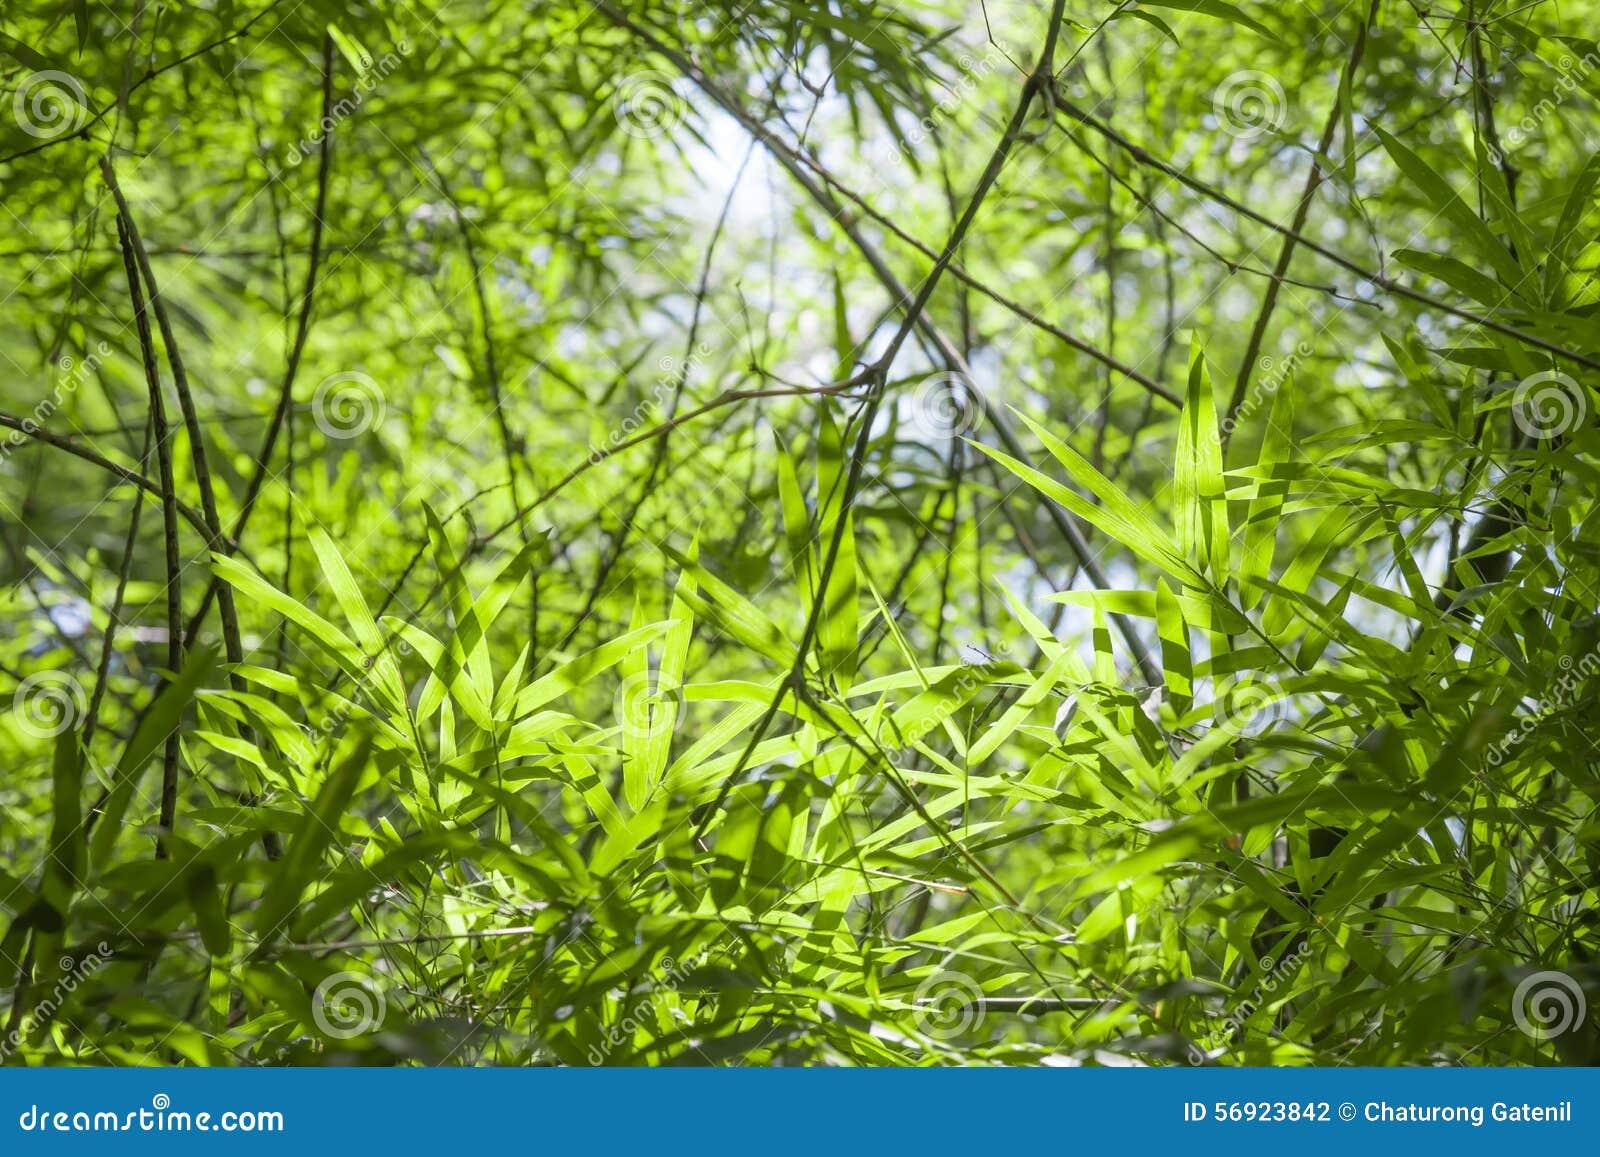 Το Blured, μπαμπού πράσινο βγάζει φύλλα το υπόβαθρο